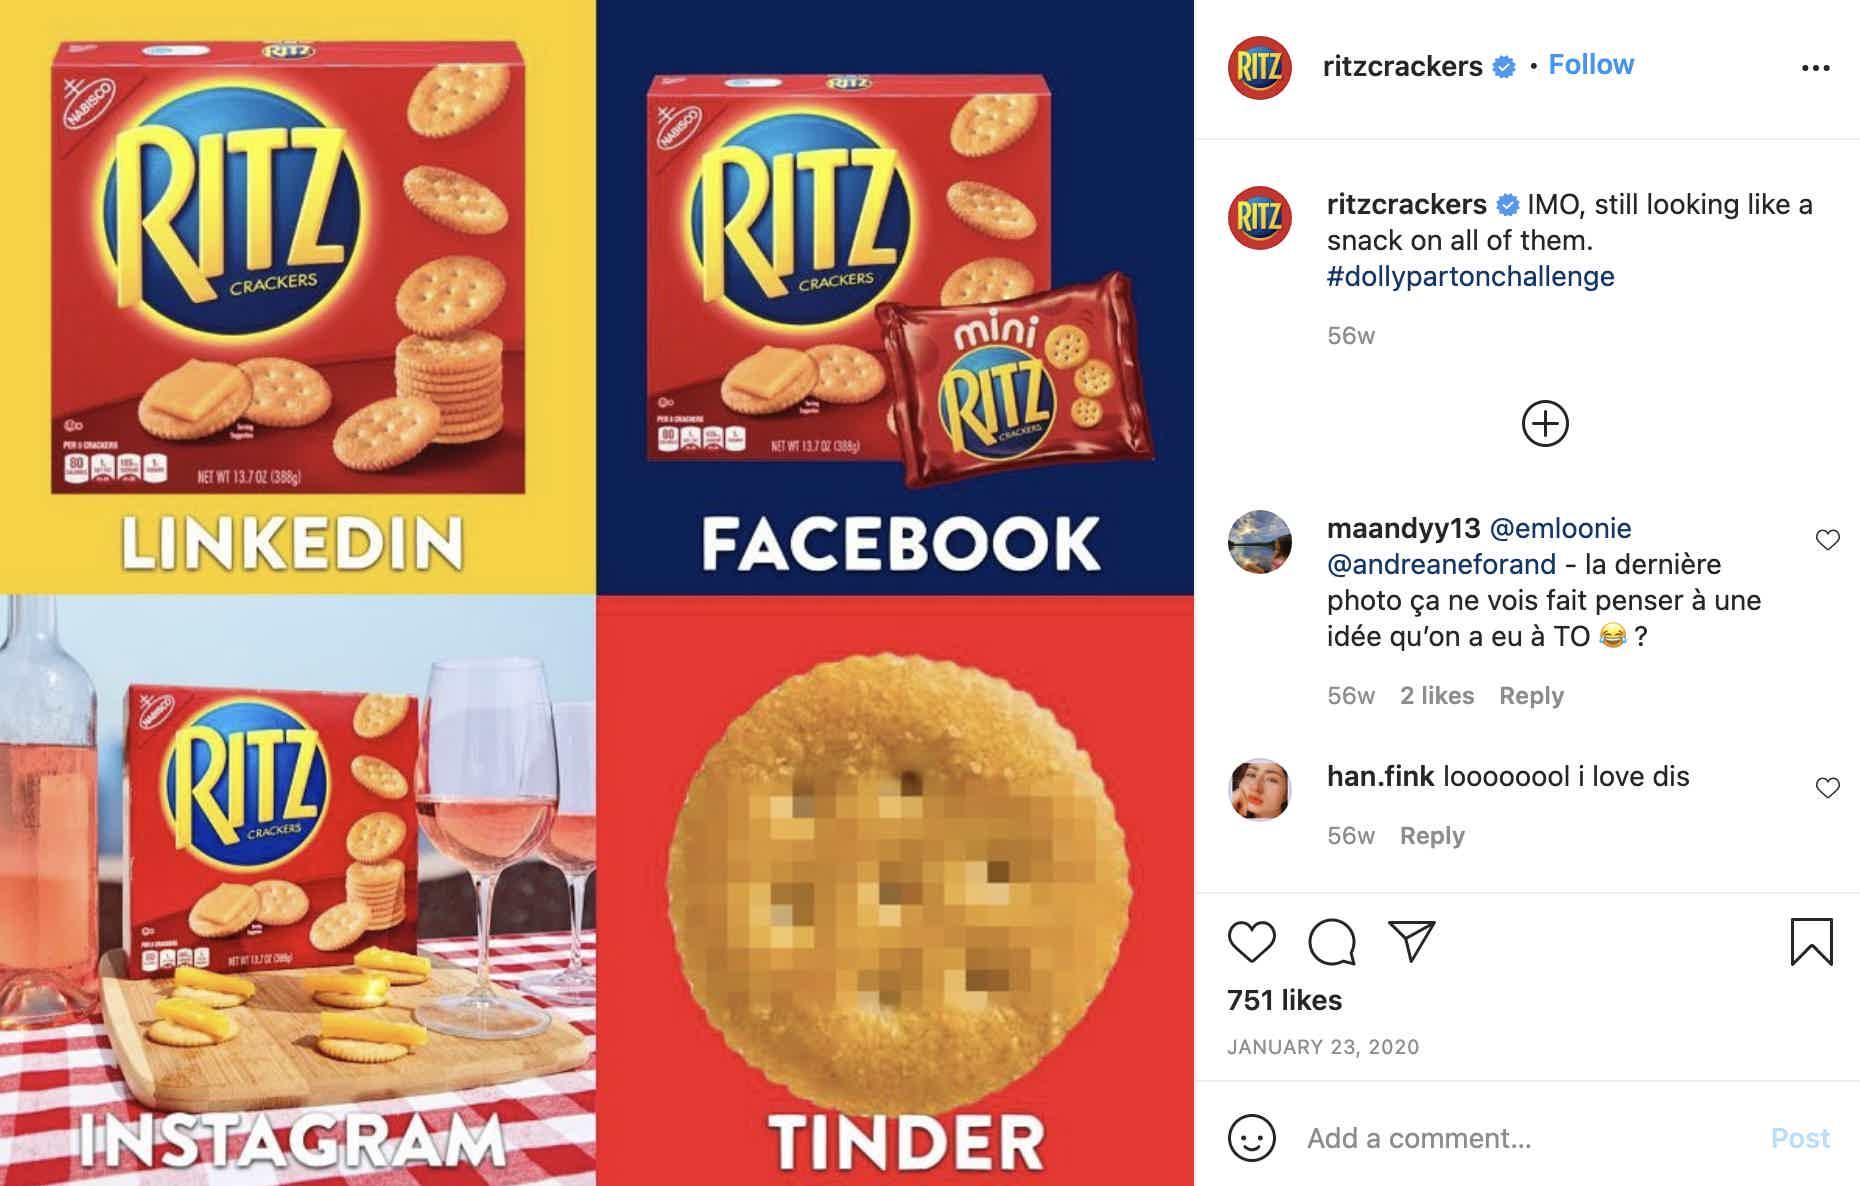 Ritz Crackers Instagram Post